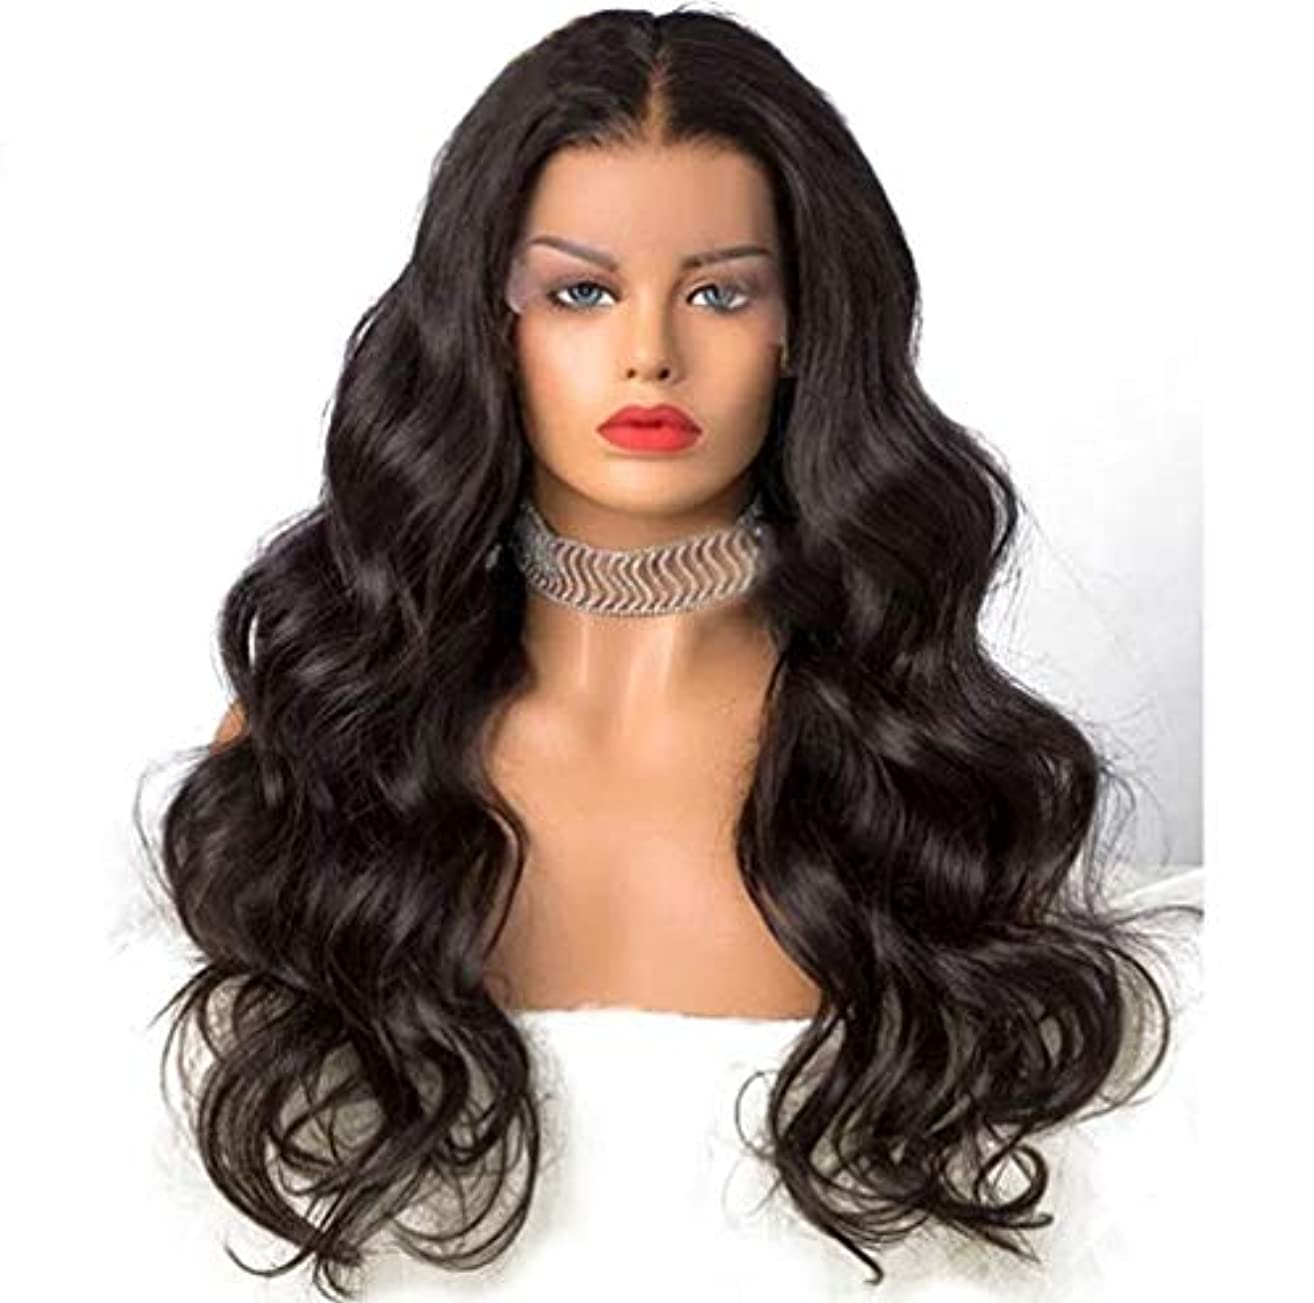 プレゼン堤防力強い女性のかつら150%密度フロントレースカーリー人毛ブラジルの耐熱合成長いかつら